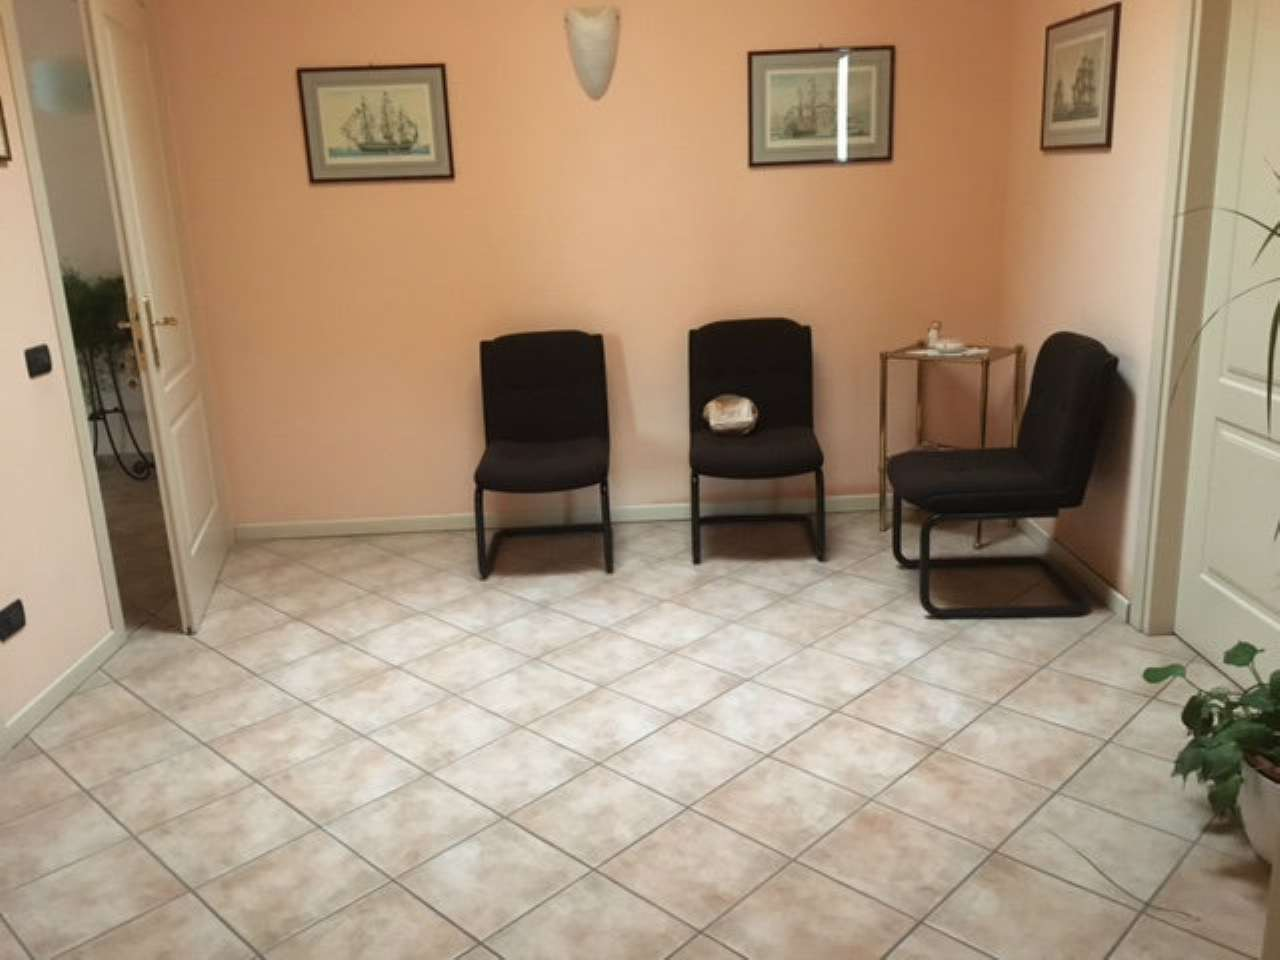 Ufficio / Studio in affitto a Viadana, 4 locali, prezzo € 600 | CambioCasa.it